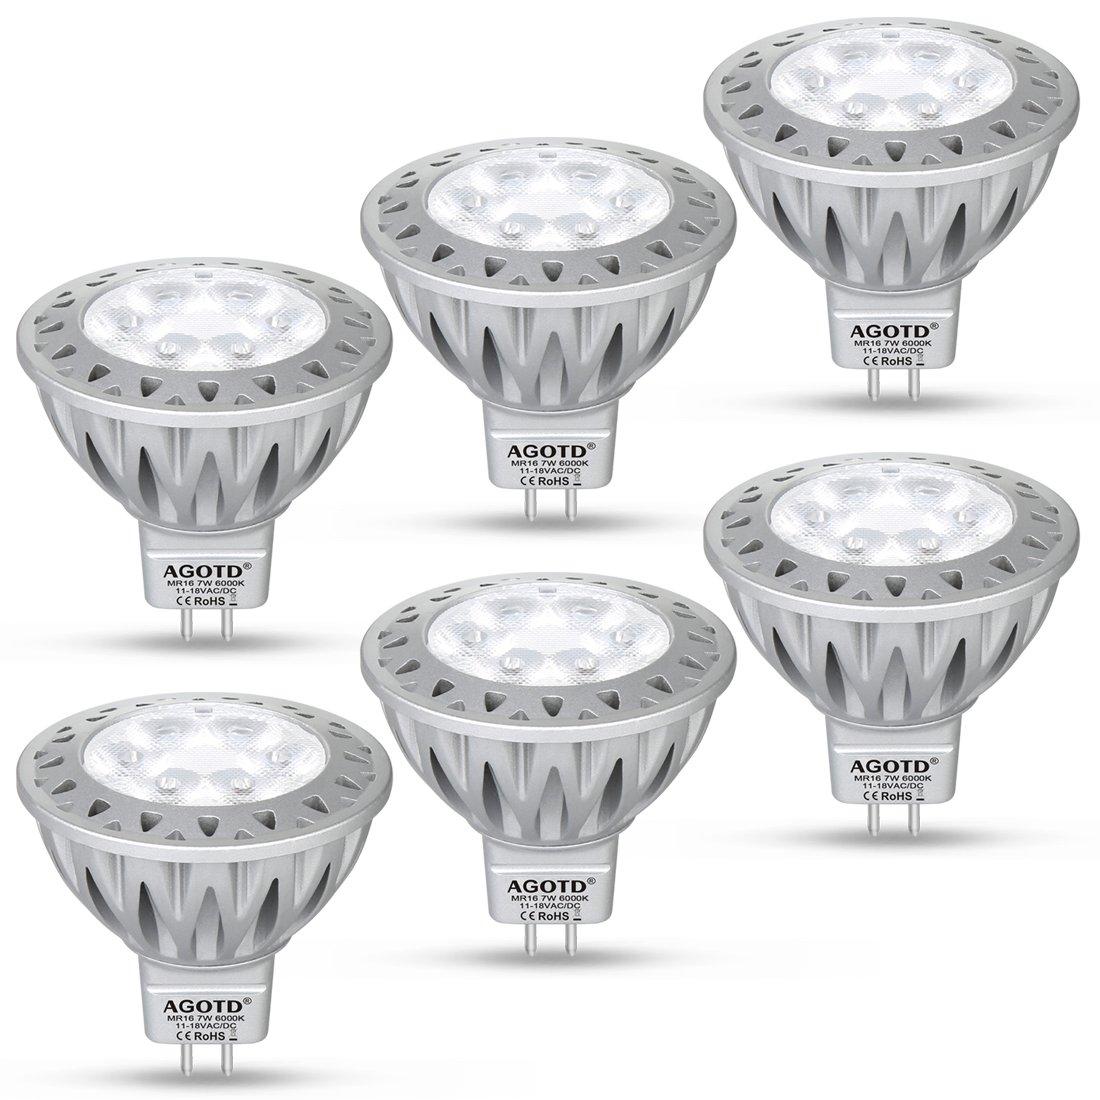 AGOTD GU5.3 MR16 Led Lampe 12V Warmweiß 7W, 50W GU5,3 Halogenlampe Äquivalent,7 Watt GU 5,3 Sockel Glühlampen, Kein Flimmern,Hohe Kompatibilität, 2700K,50mm Durchmesser,Aluminium,560LM, 6er Pack